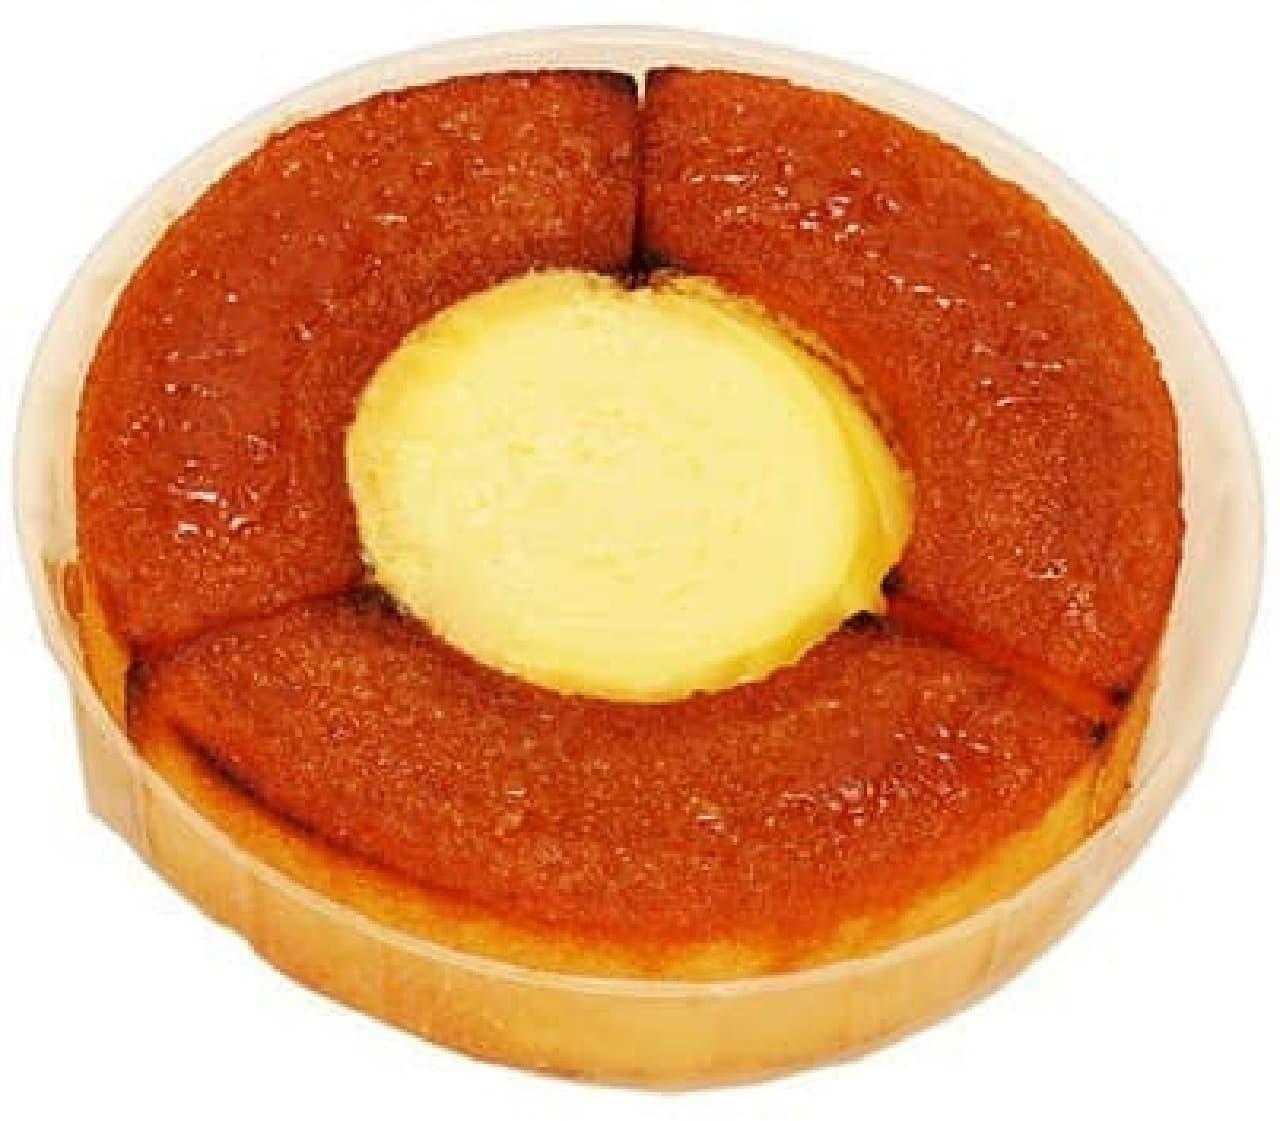 ファミリーマート「クリーミーバウムケーキ クレームブリュレ風」